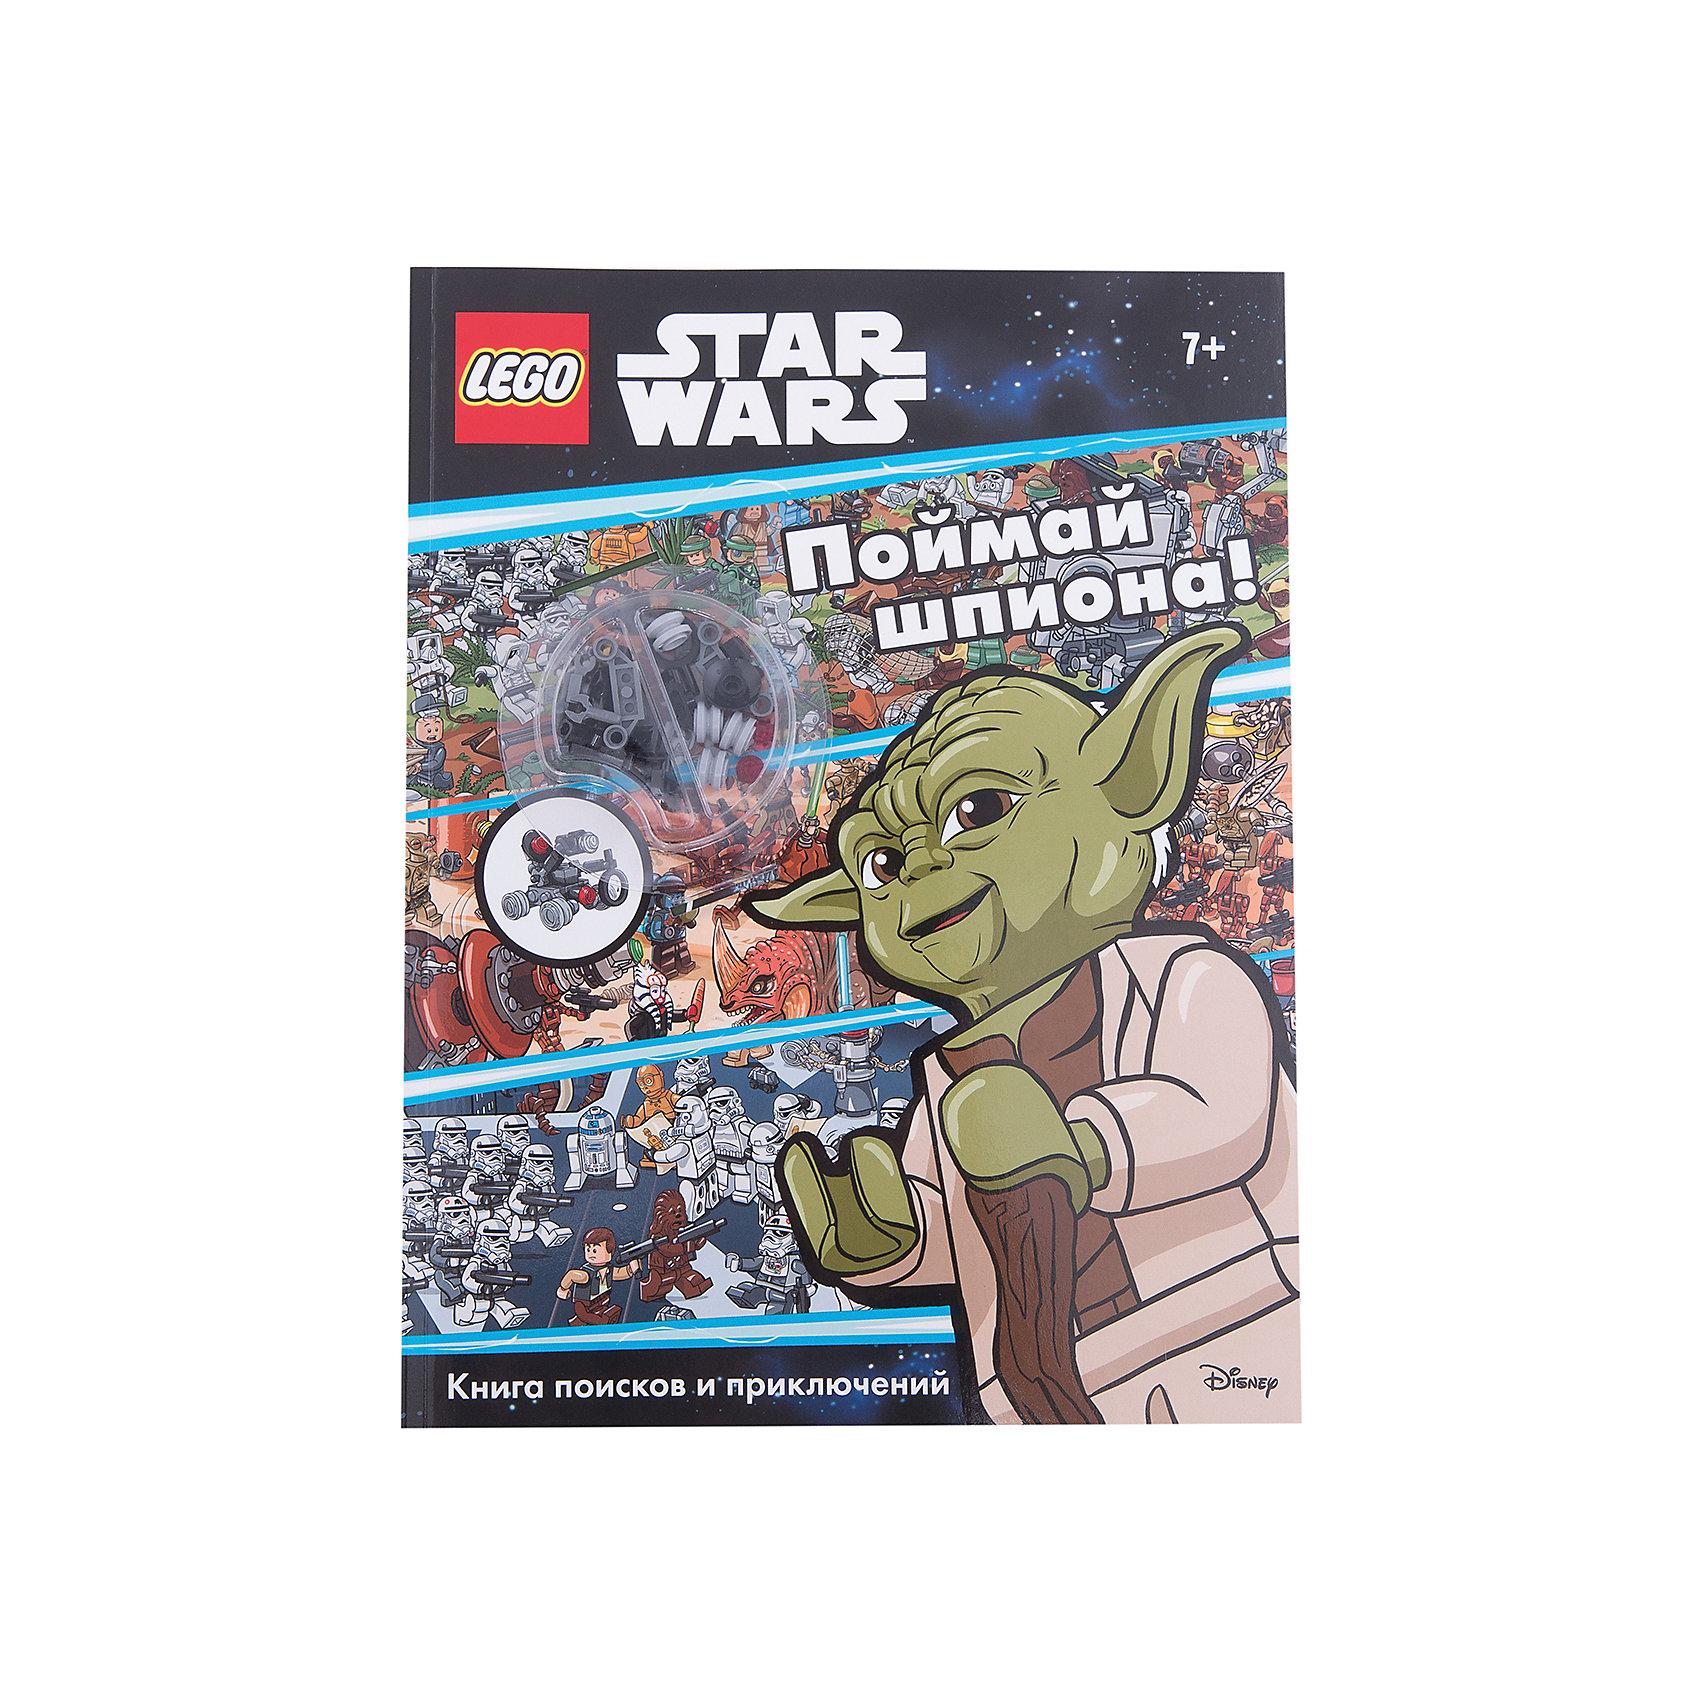 Поймай шпиона! Книга поисков и приключений + мини-наборКниги по фильмам и мультфильмам<br>Галактика под угрозой! Опасный наёмный убийца и его дроид-шпион вышли на охоту! Твоя задача – разыскать их. Но дроид-шпион каждый раз выглядит по-разному… Эта книга поисков и приключений наполнена потрясающими сценами с участием твоих любимых персонажей LEGO Звёздные Войны. Благодаря приложенному мини-набору LEGO ты сможешь одну за другой собрать 9 разных моделей дроида-шпиона и играть с ними. Удачи, друг, и да пребудет с тобой Сила!<br><br>Ширина мм: 340<br>Глубина мм: 250<br>Высота мм: 10<br>Вес г: 239<br>Возраст от месяцев: 84<br>Возраст до месяцев: 144<br>Пол: Унисекс<br>Возраст: Детский<br>SKU: 6878156